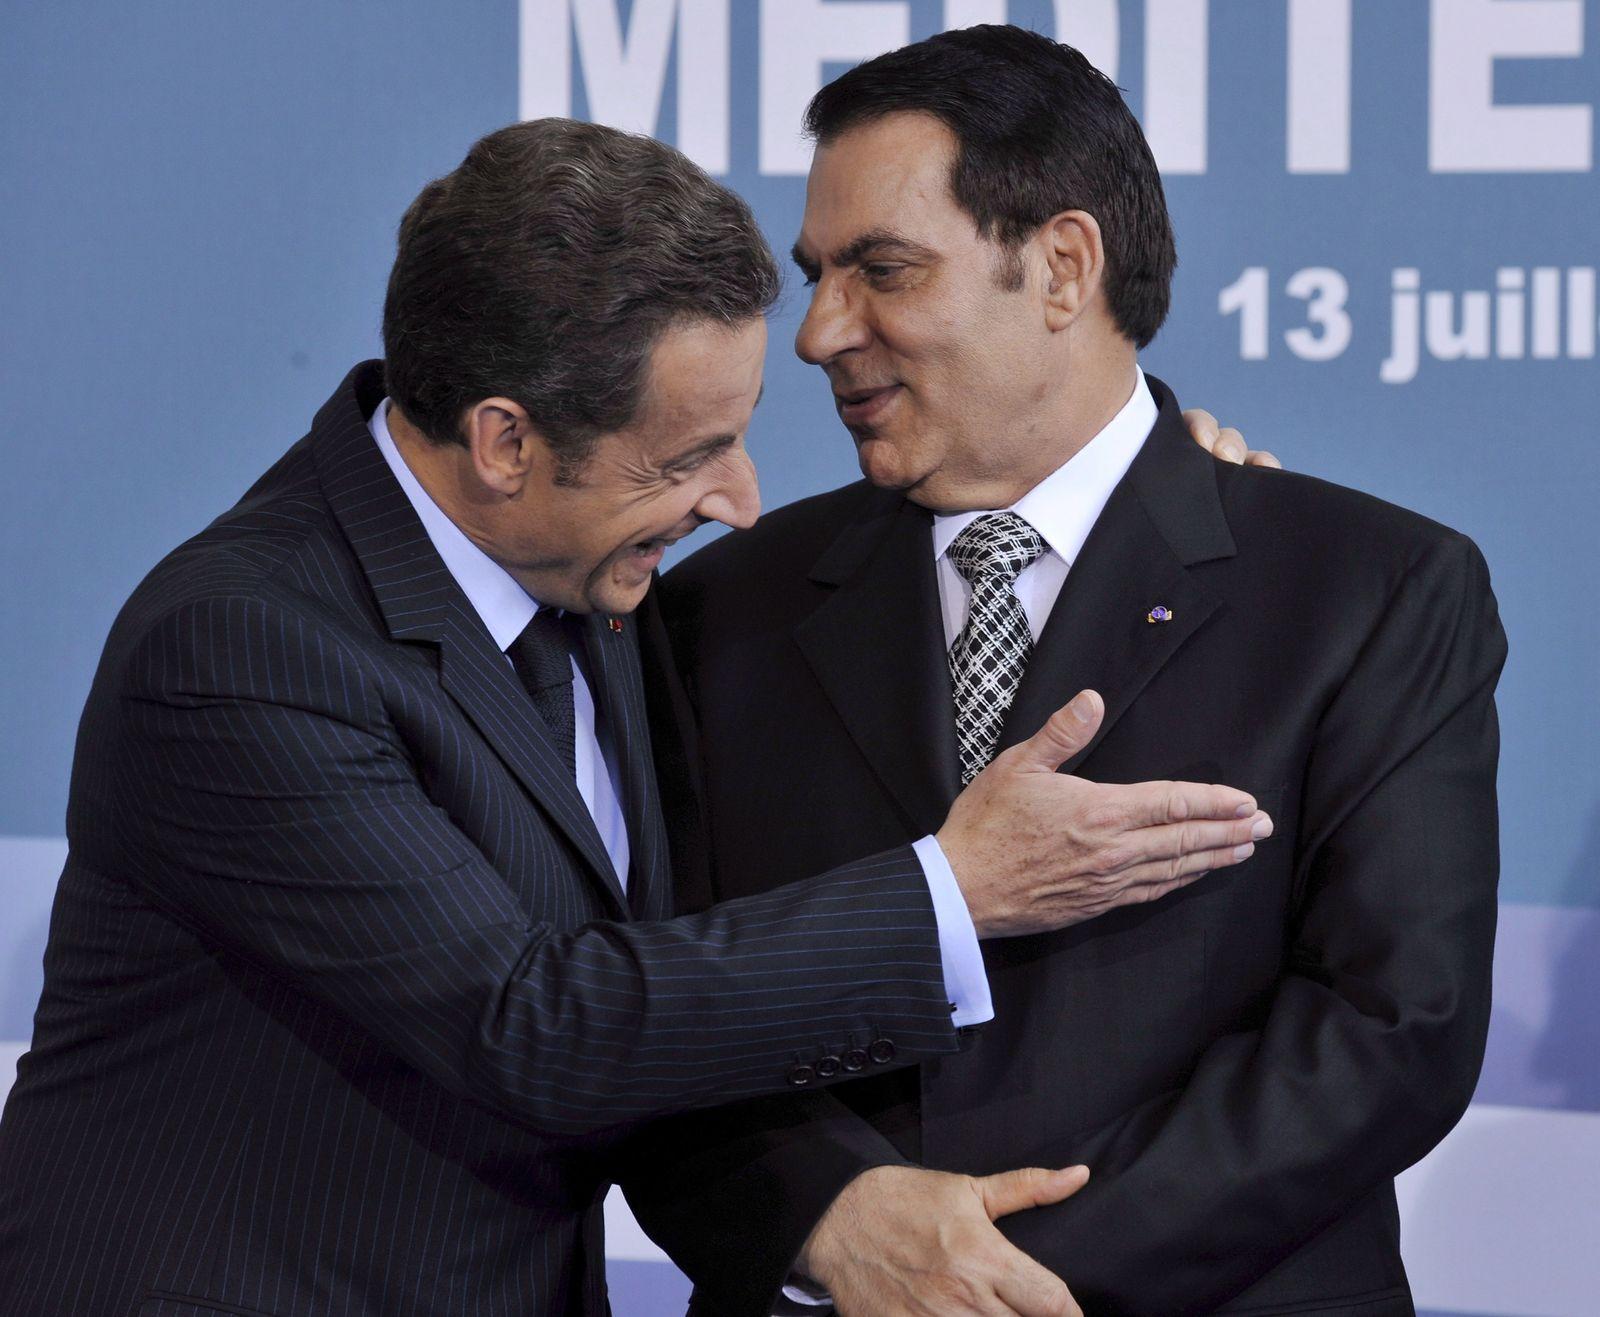 Nicolas Sarkozy / Ben Ali